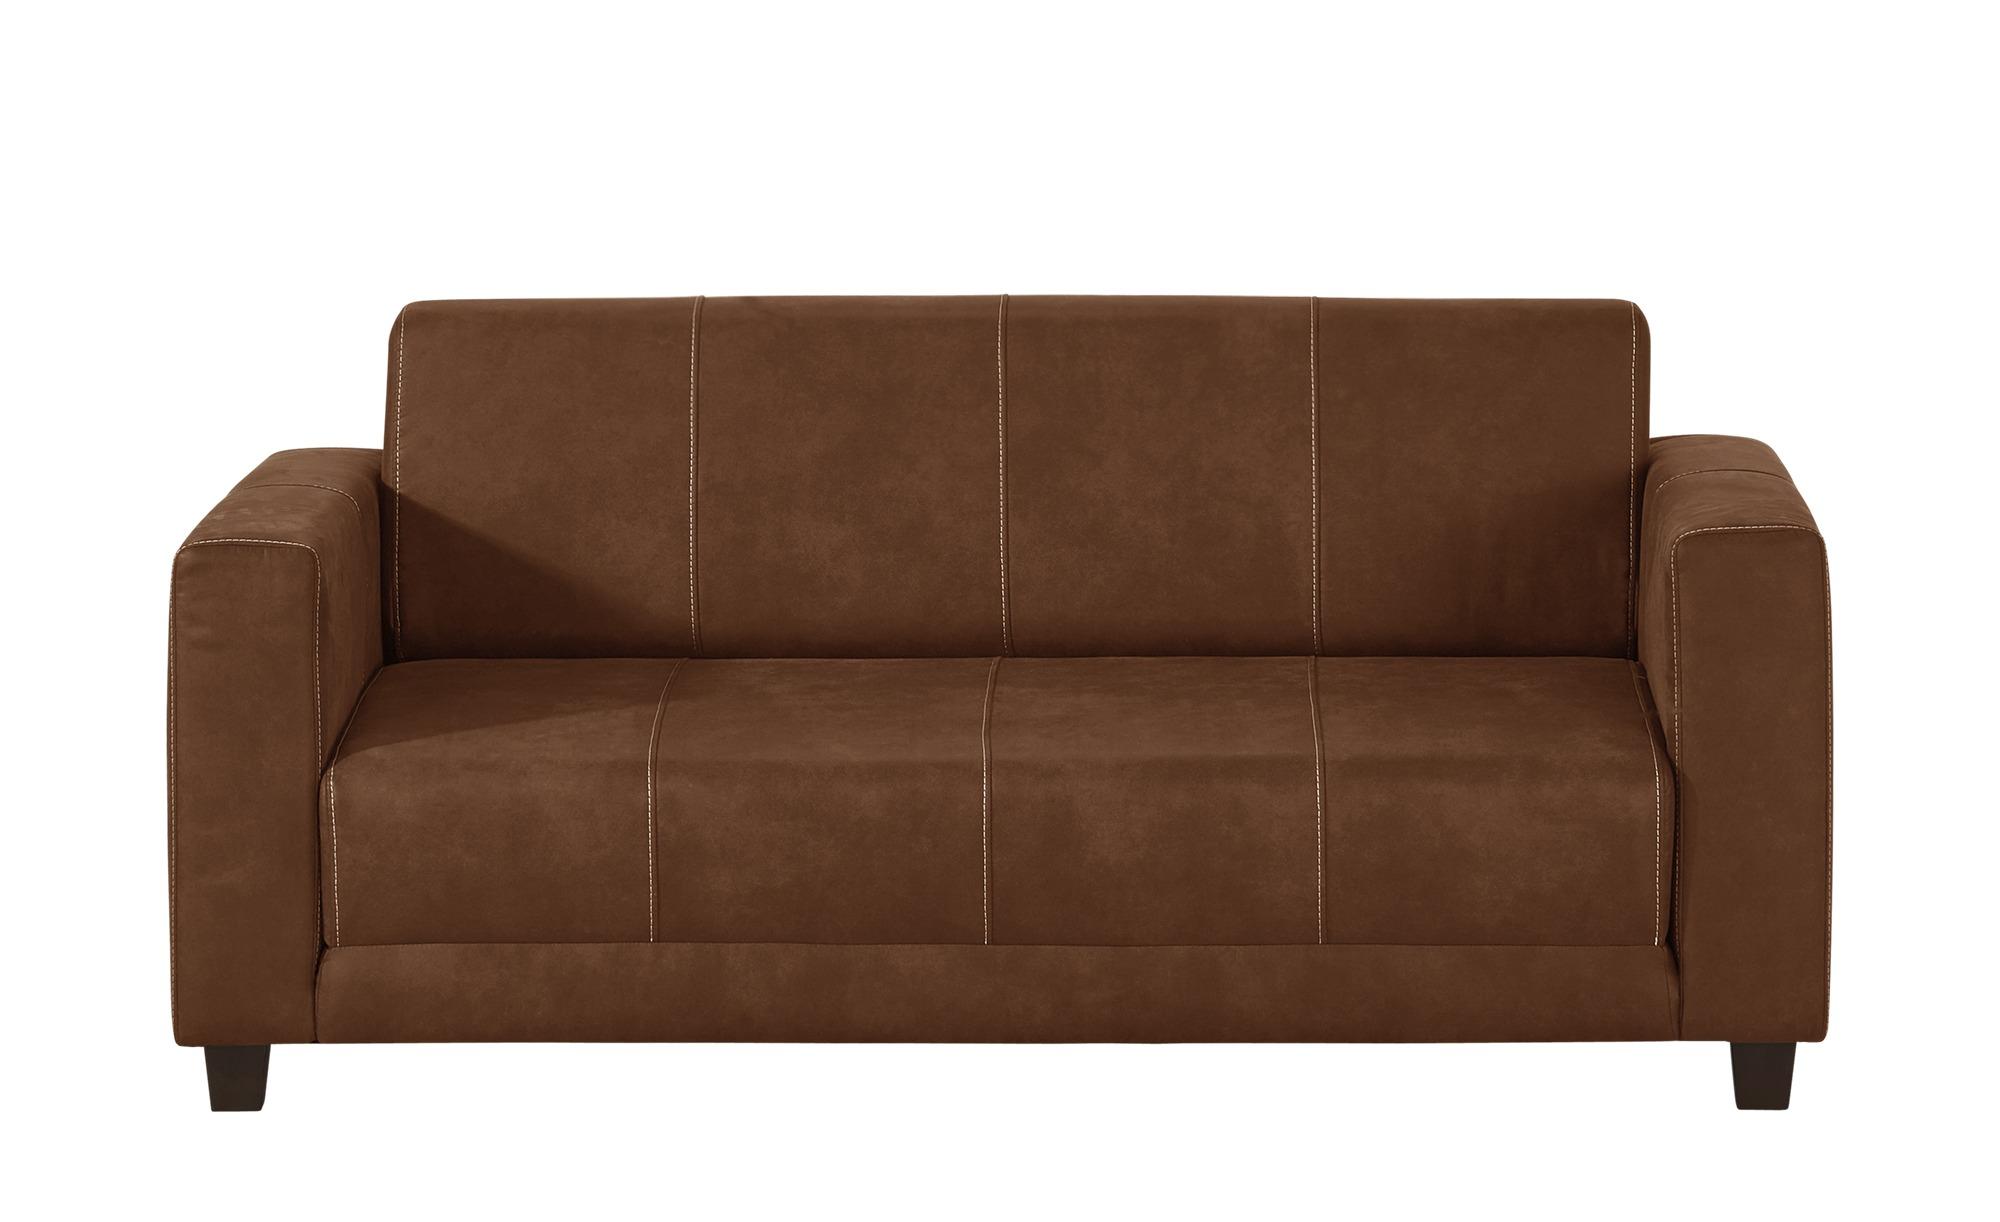 Kleines Schlafsofa Gunstig Schonste Sofas Gunstige 2 Sitzer Couch Online Sofa Store In Delhi Schoner Wohnen Sofa Sofa Schlafsofa Gunstig Gunstige Sofas